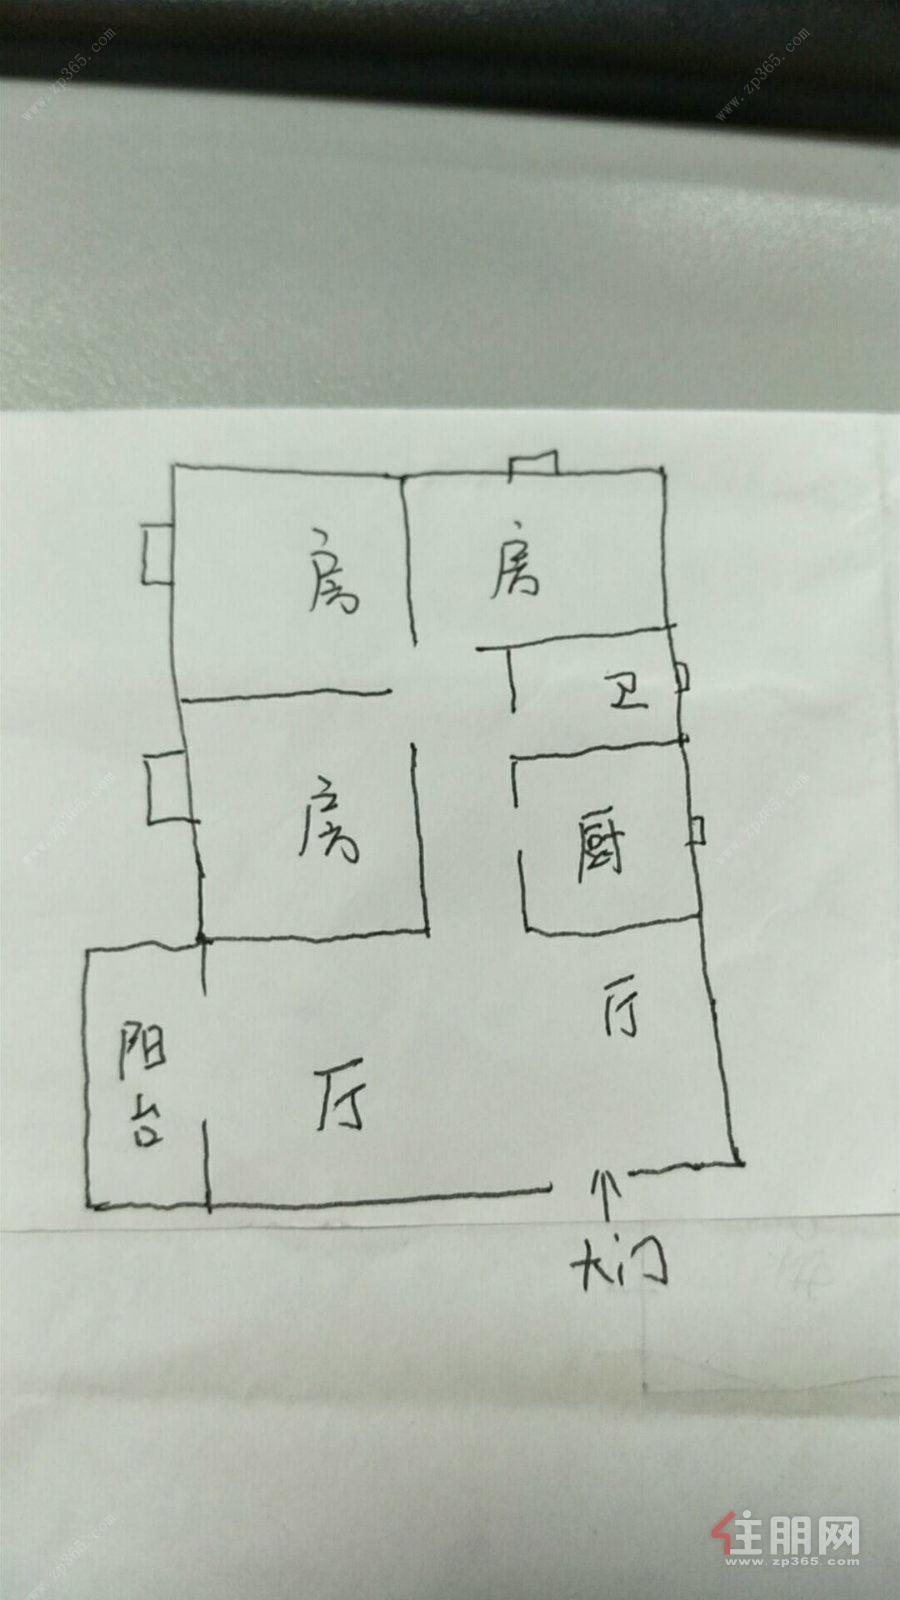 江南萬達旁  榮耀江南 精裝3房 配齊出租 2800 真實房